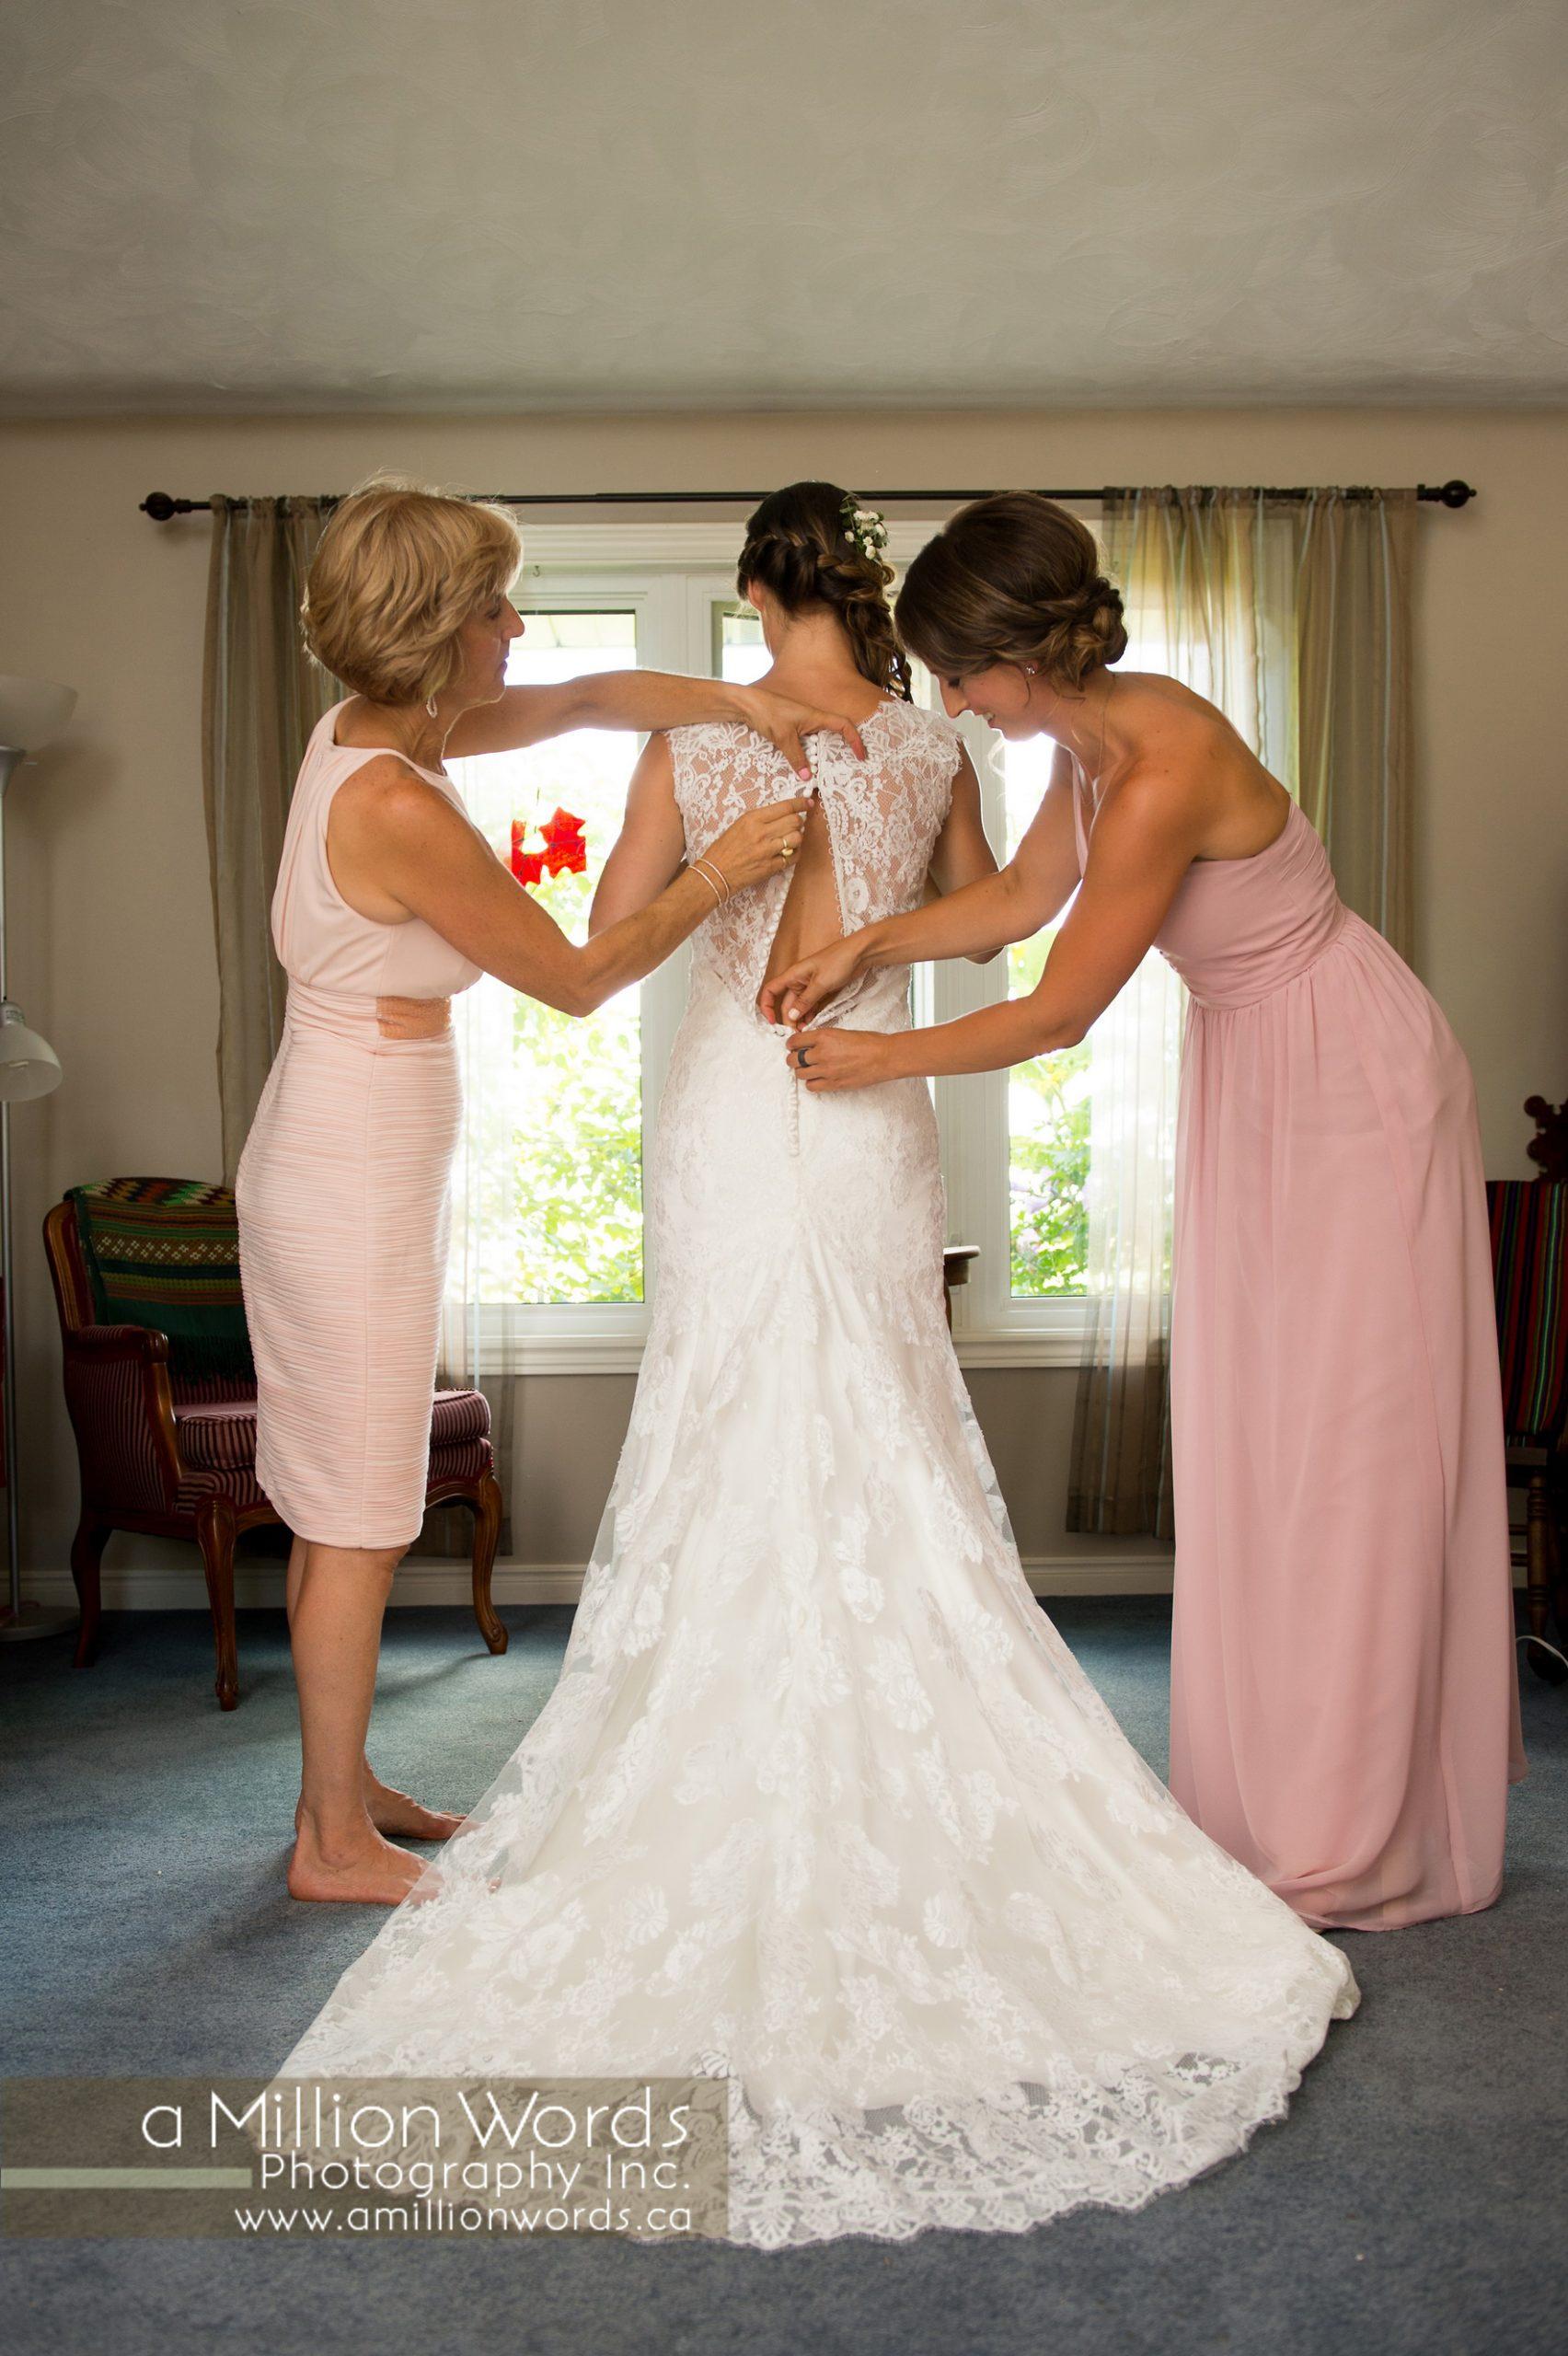 kw_wedding_photography14